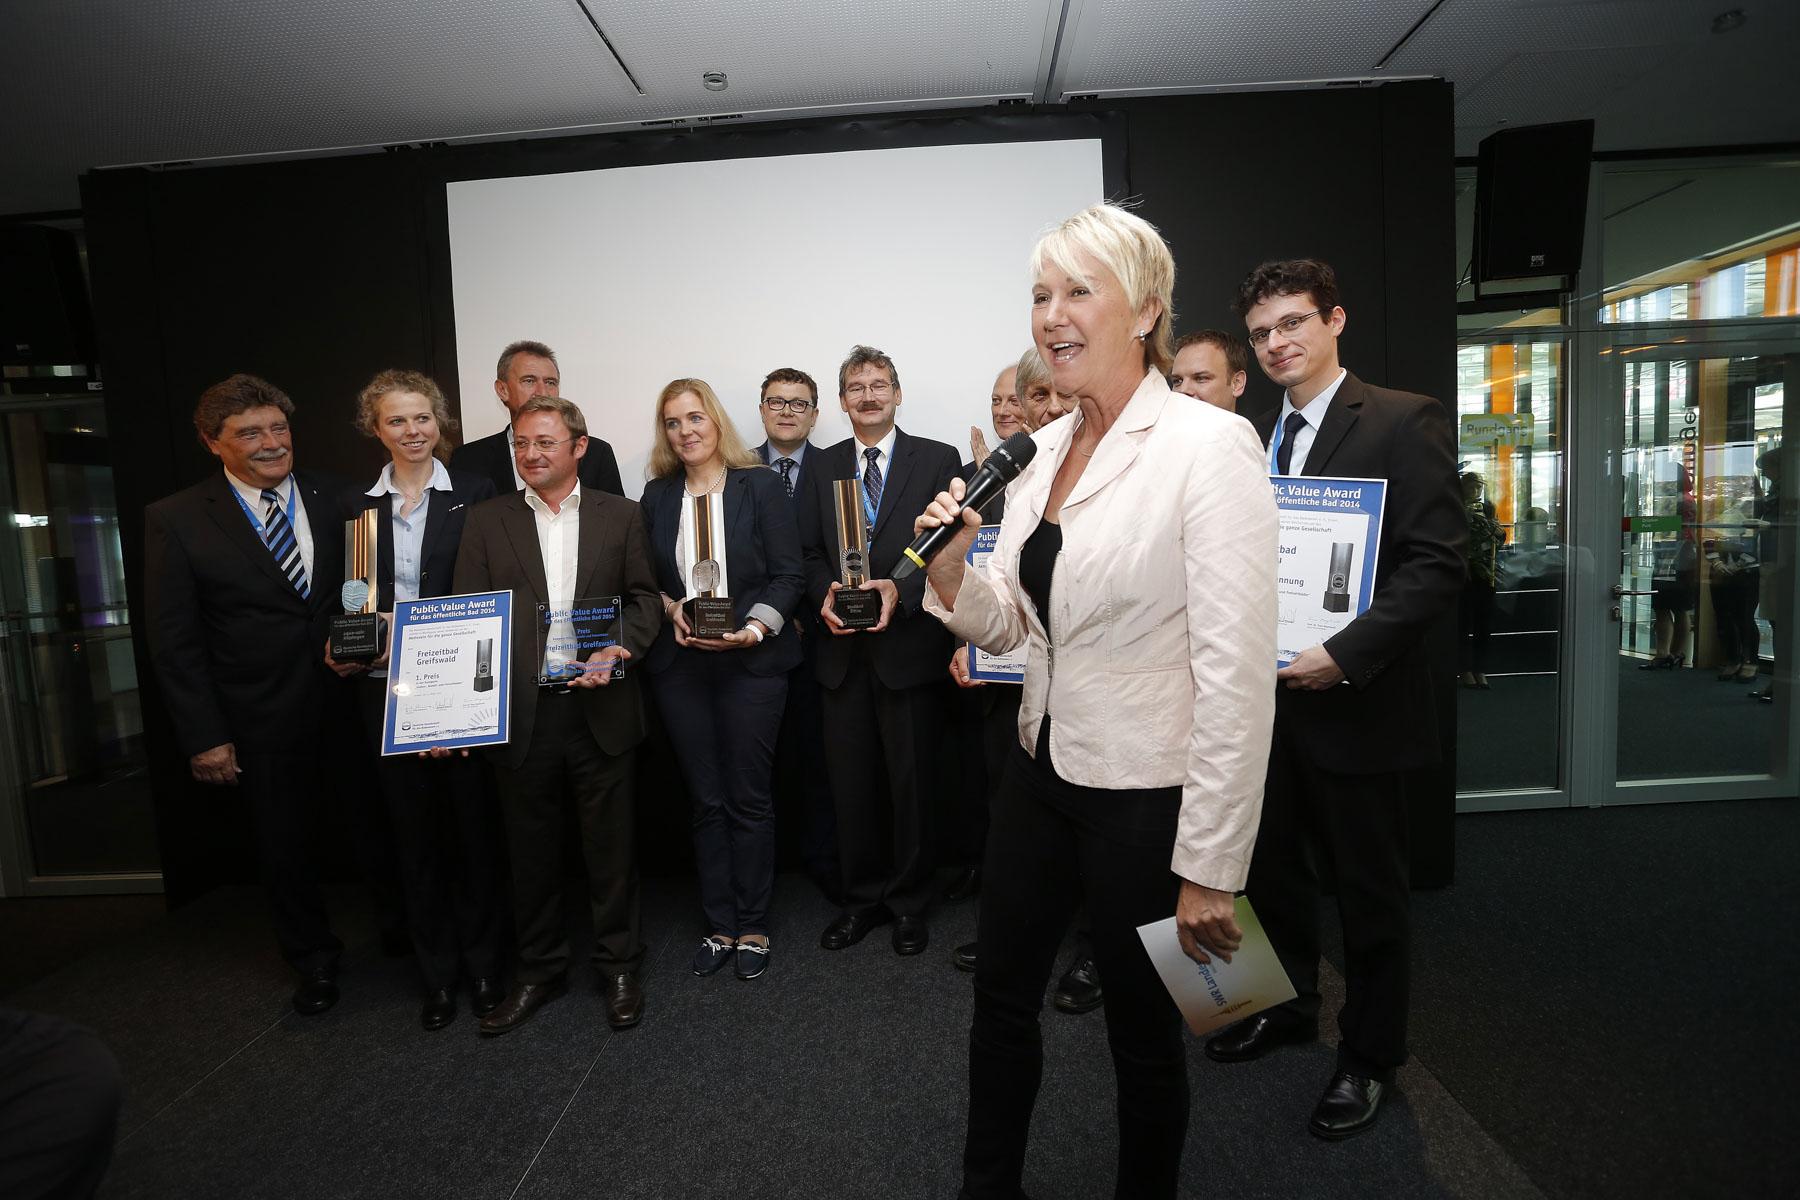 Moderation der Preisverleihung ´Public Award´ bei der ´Interbad 2014´, Messe Stuttgart im Oktober 2014